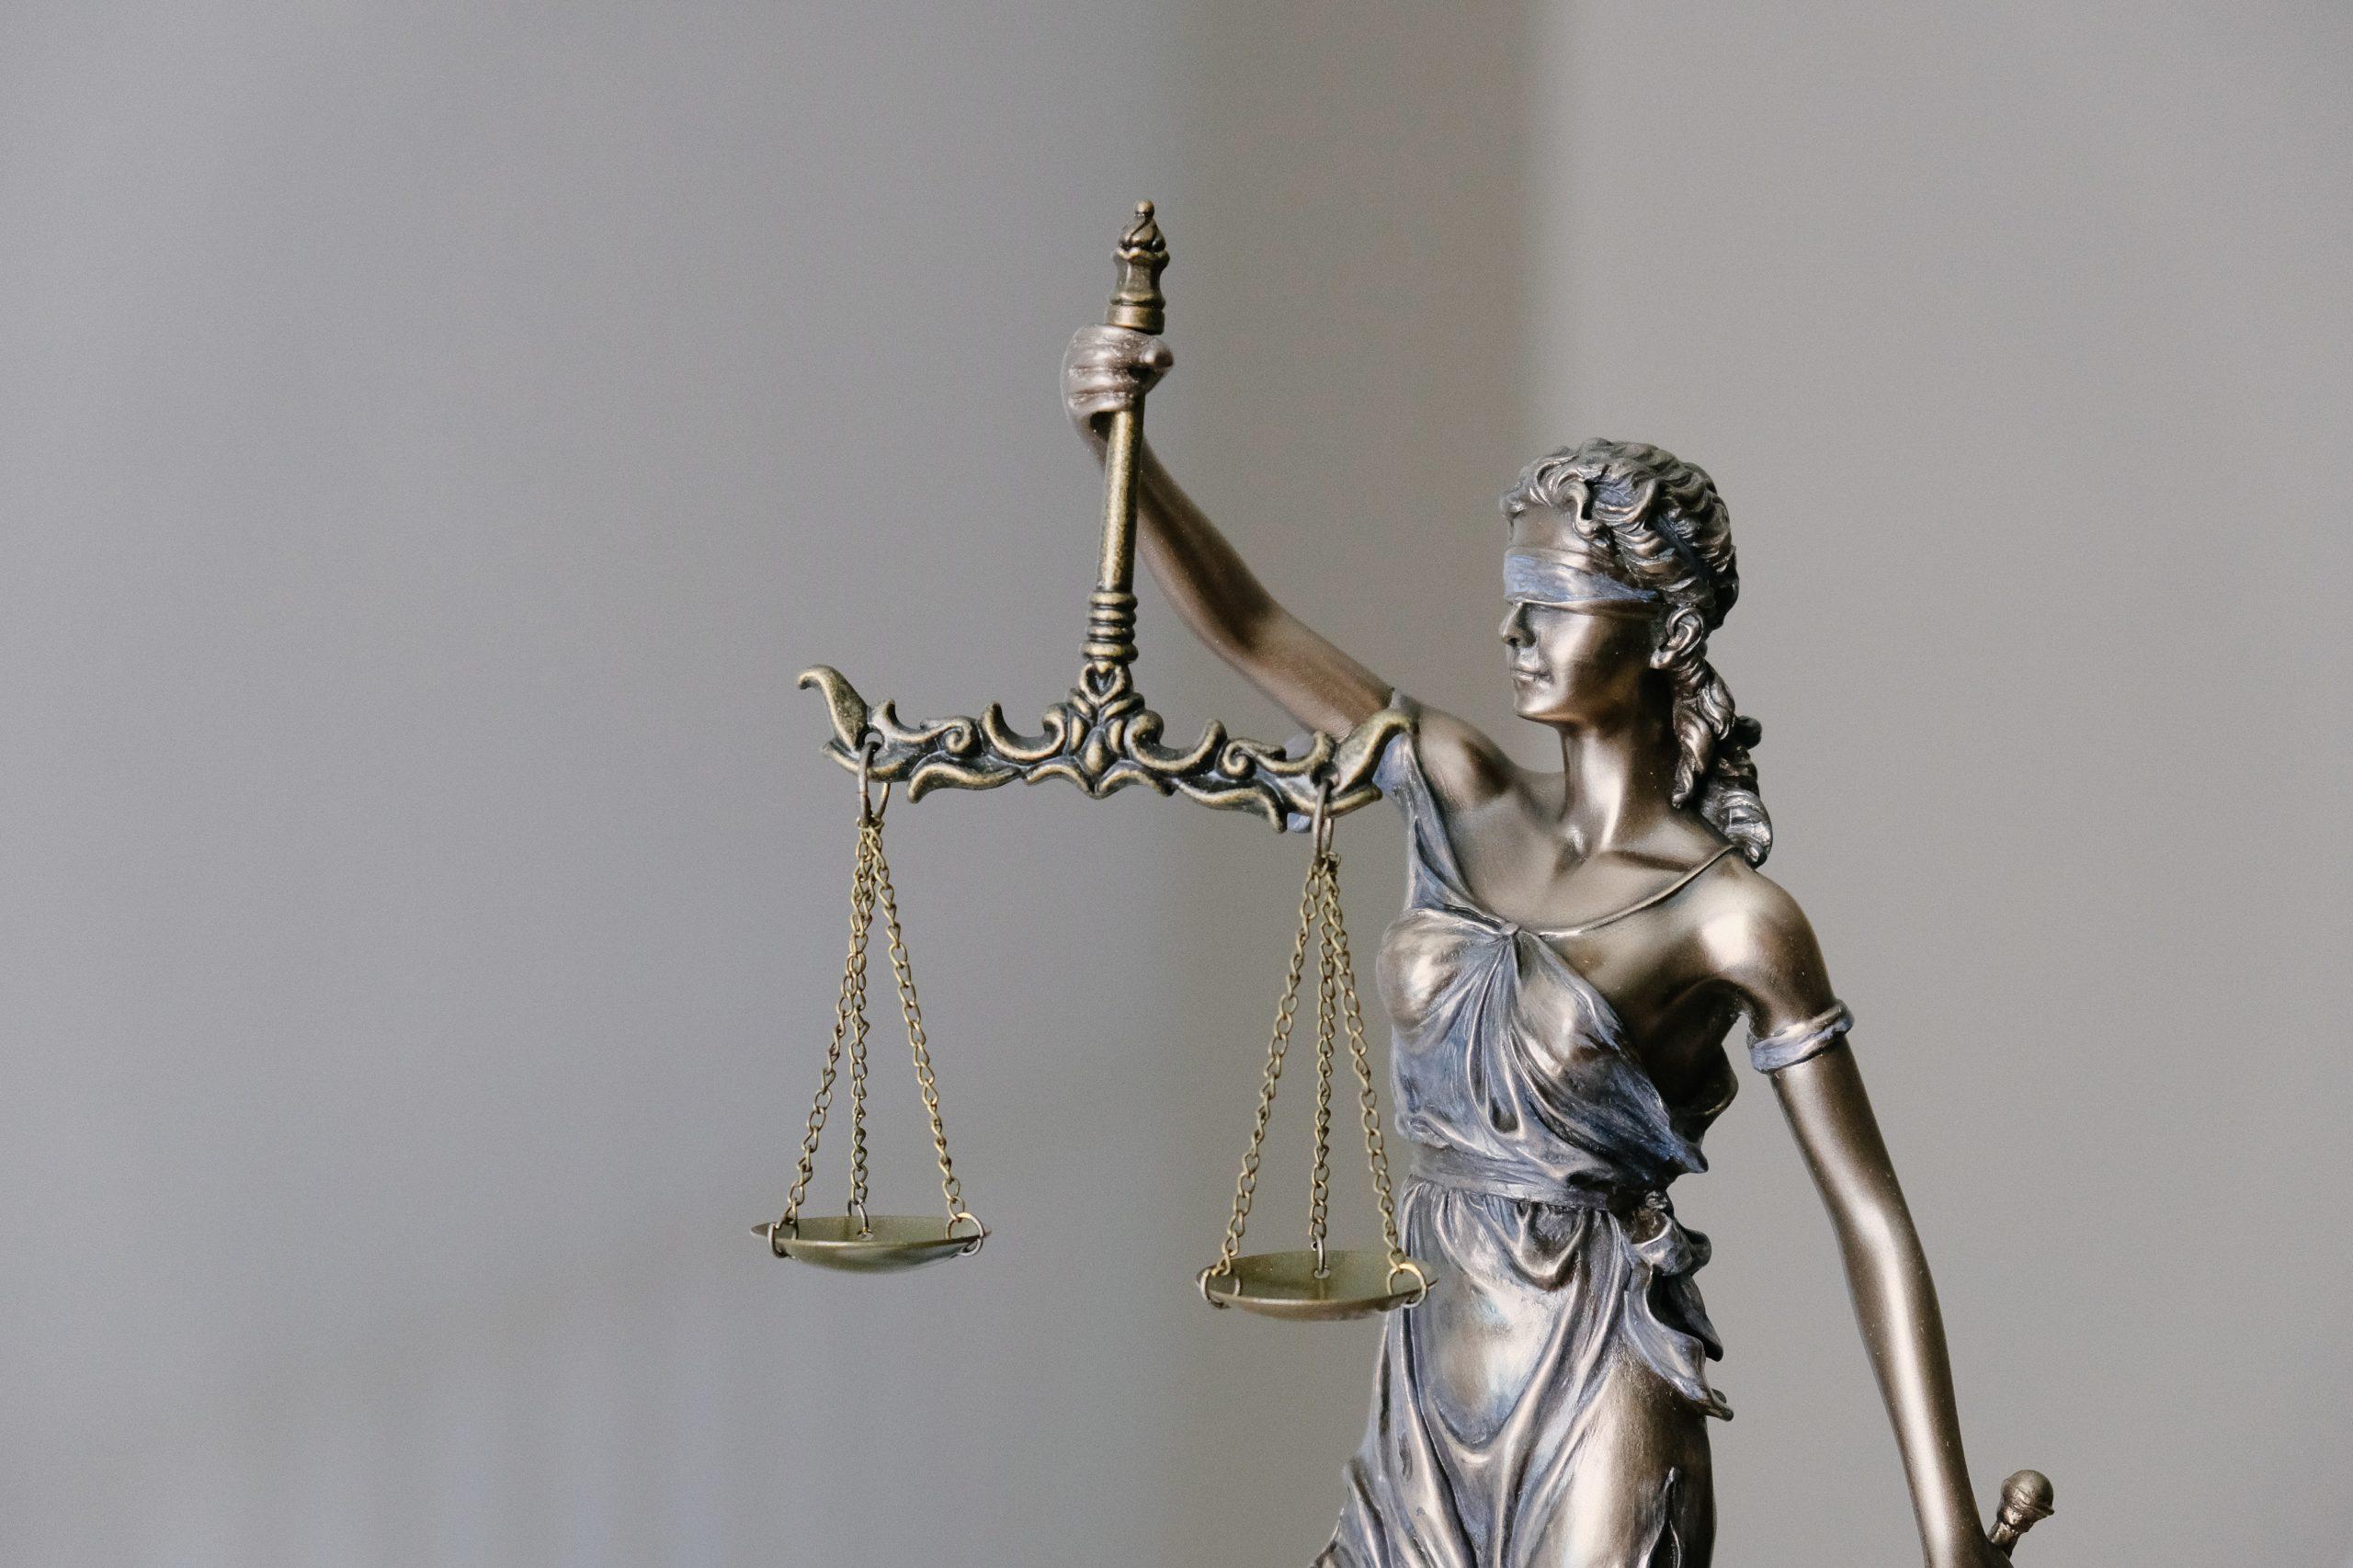 procedimiento penal abreviado